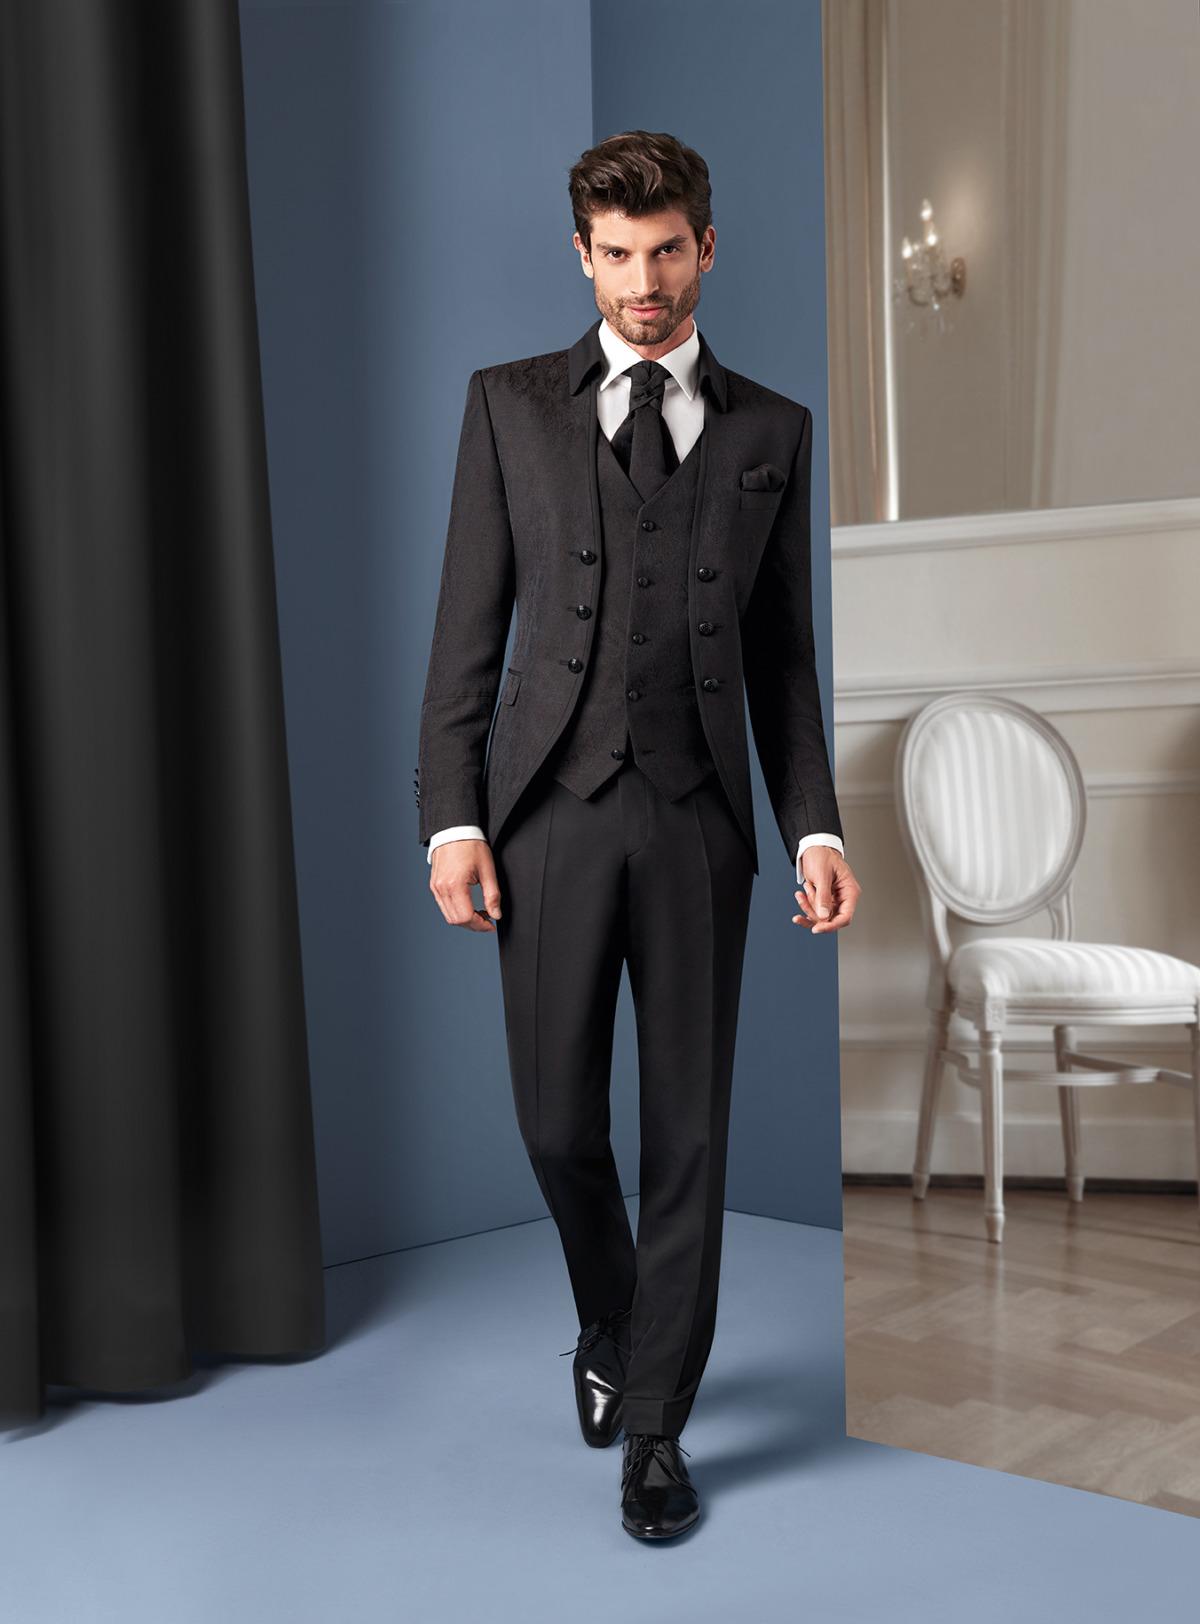 Wilvorst Tziacco Hochzeitsanzug Männer Mode Bräutigam extravagant schwarz mit Musterung Klappkragen mit Weste in schwarz weisses Hemd